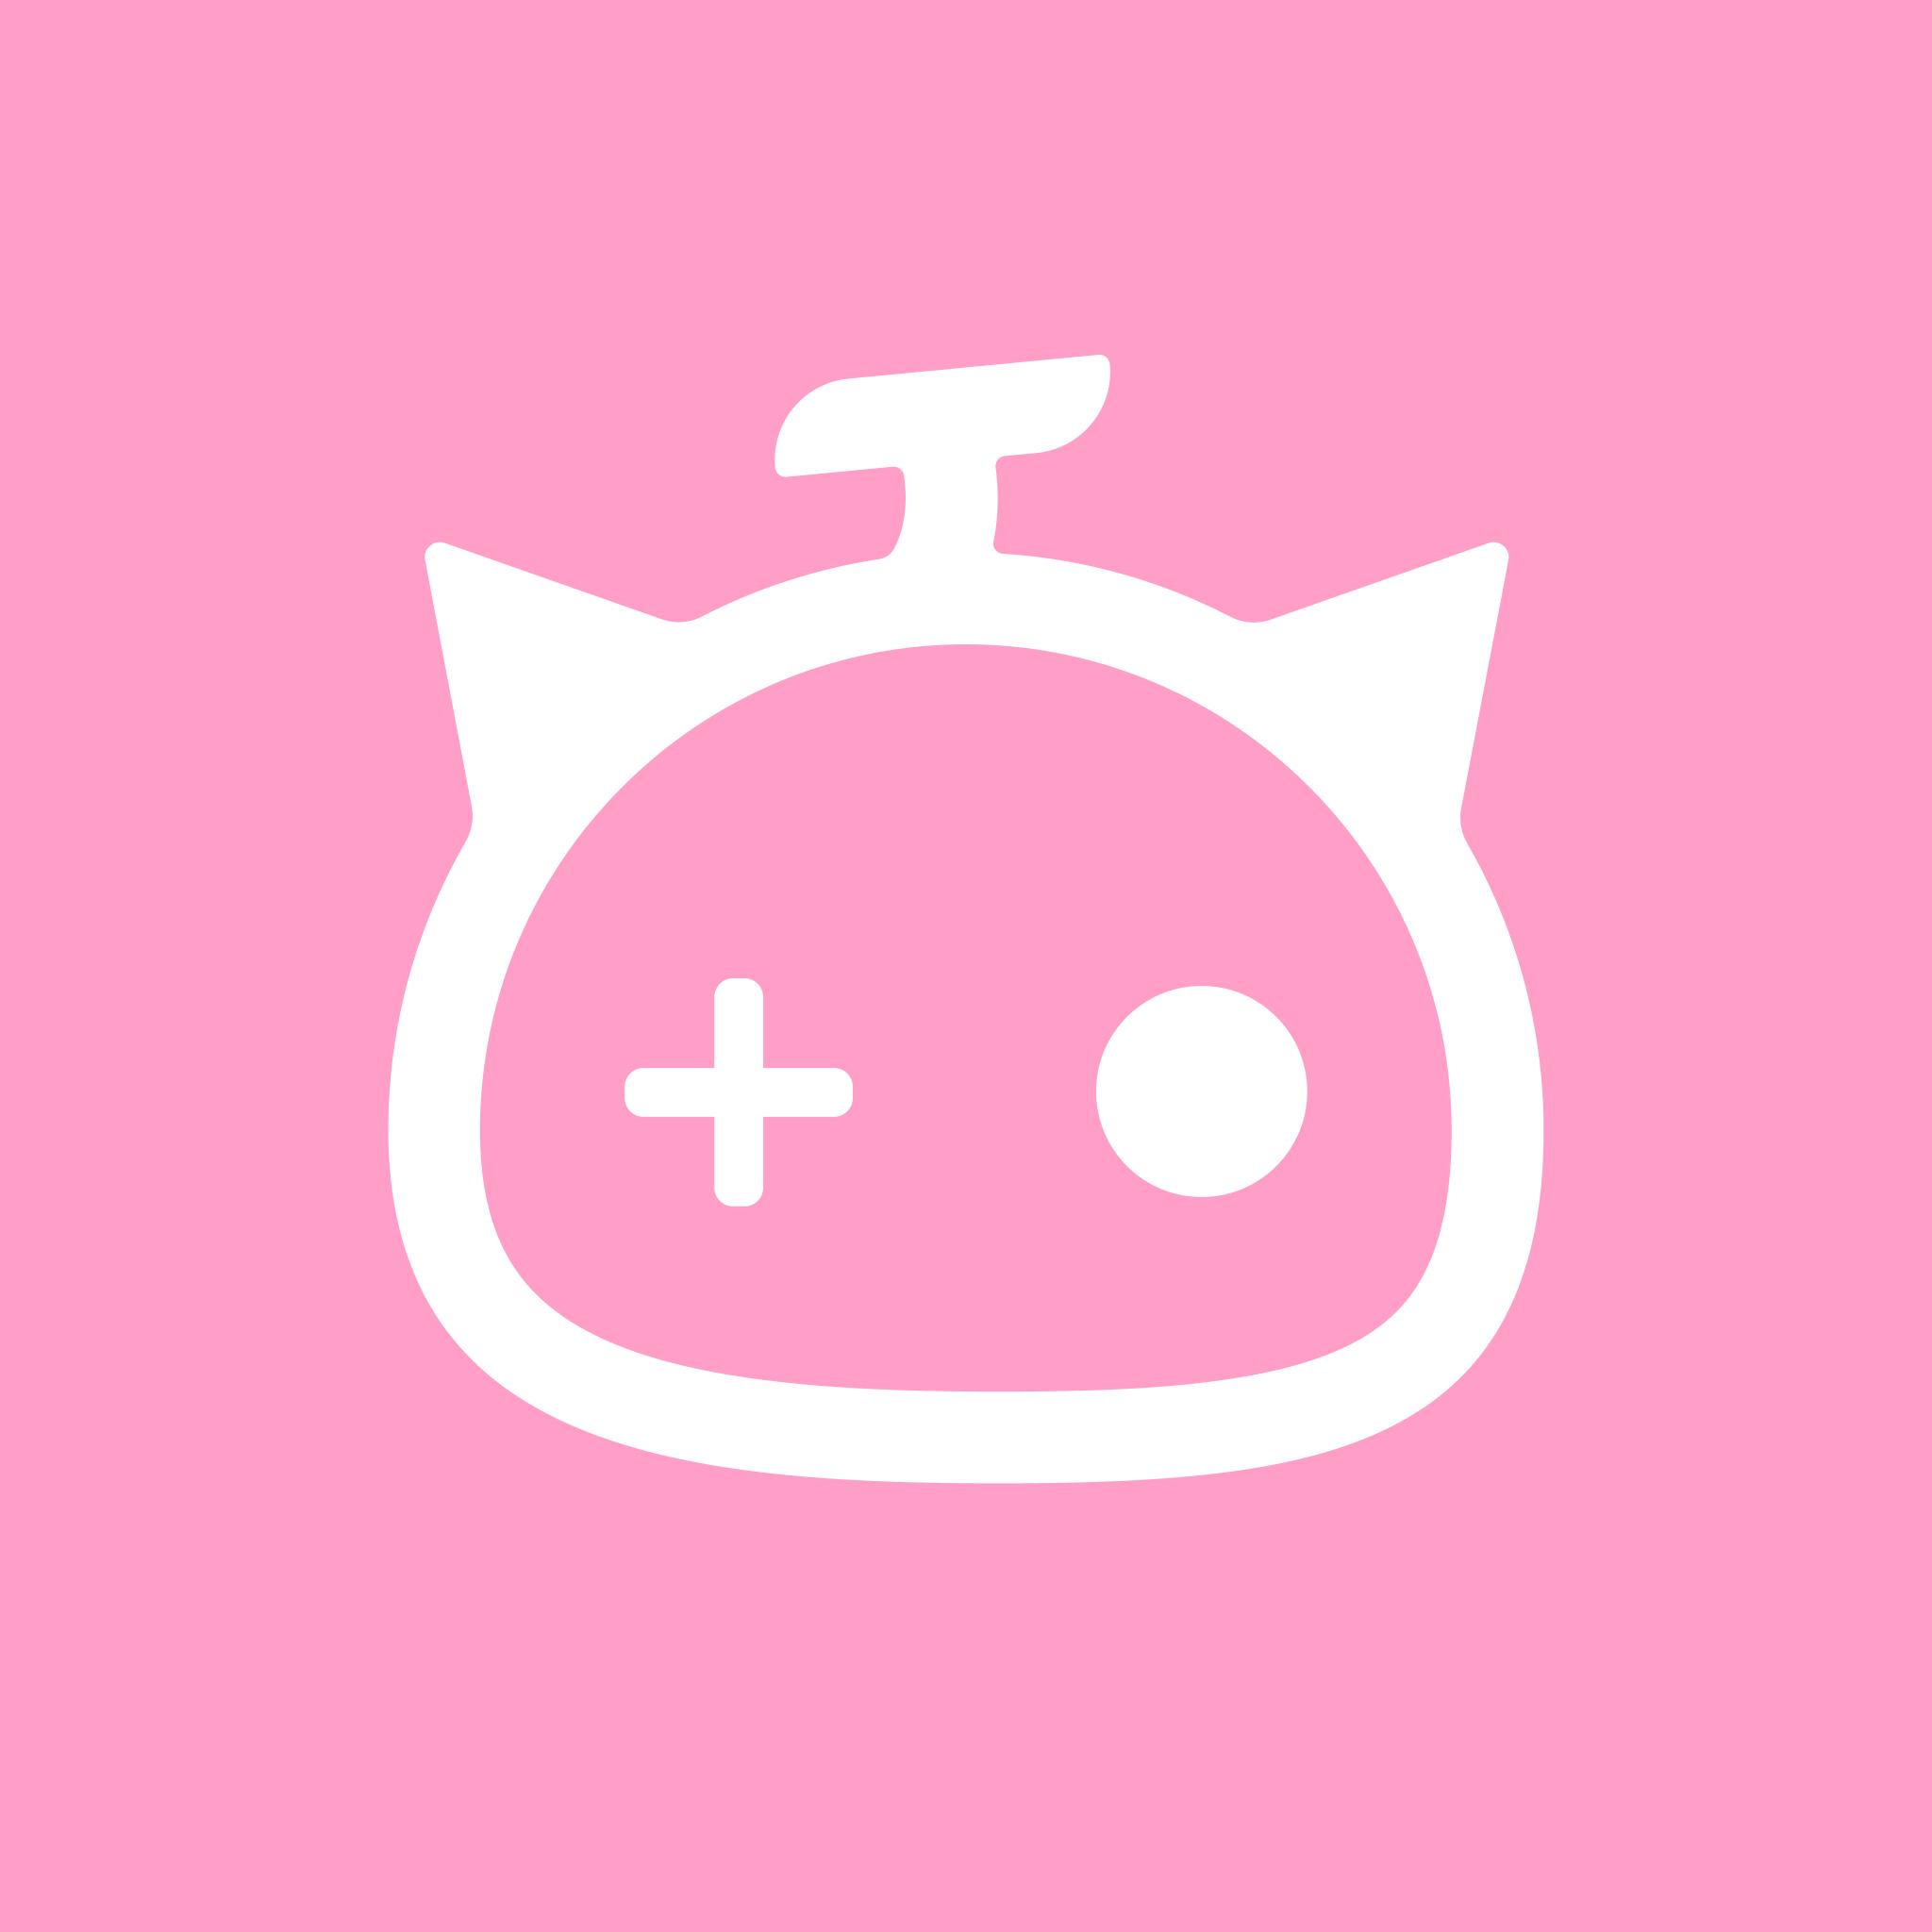 Tomon二次元社交平�_